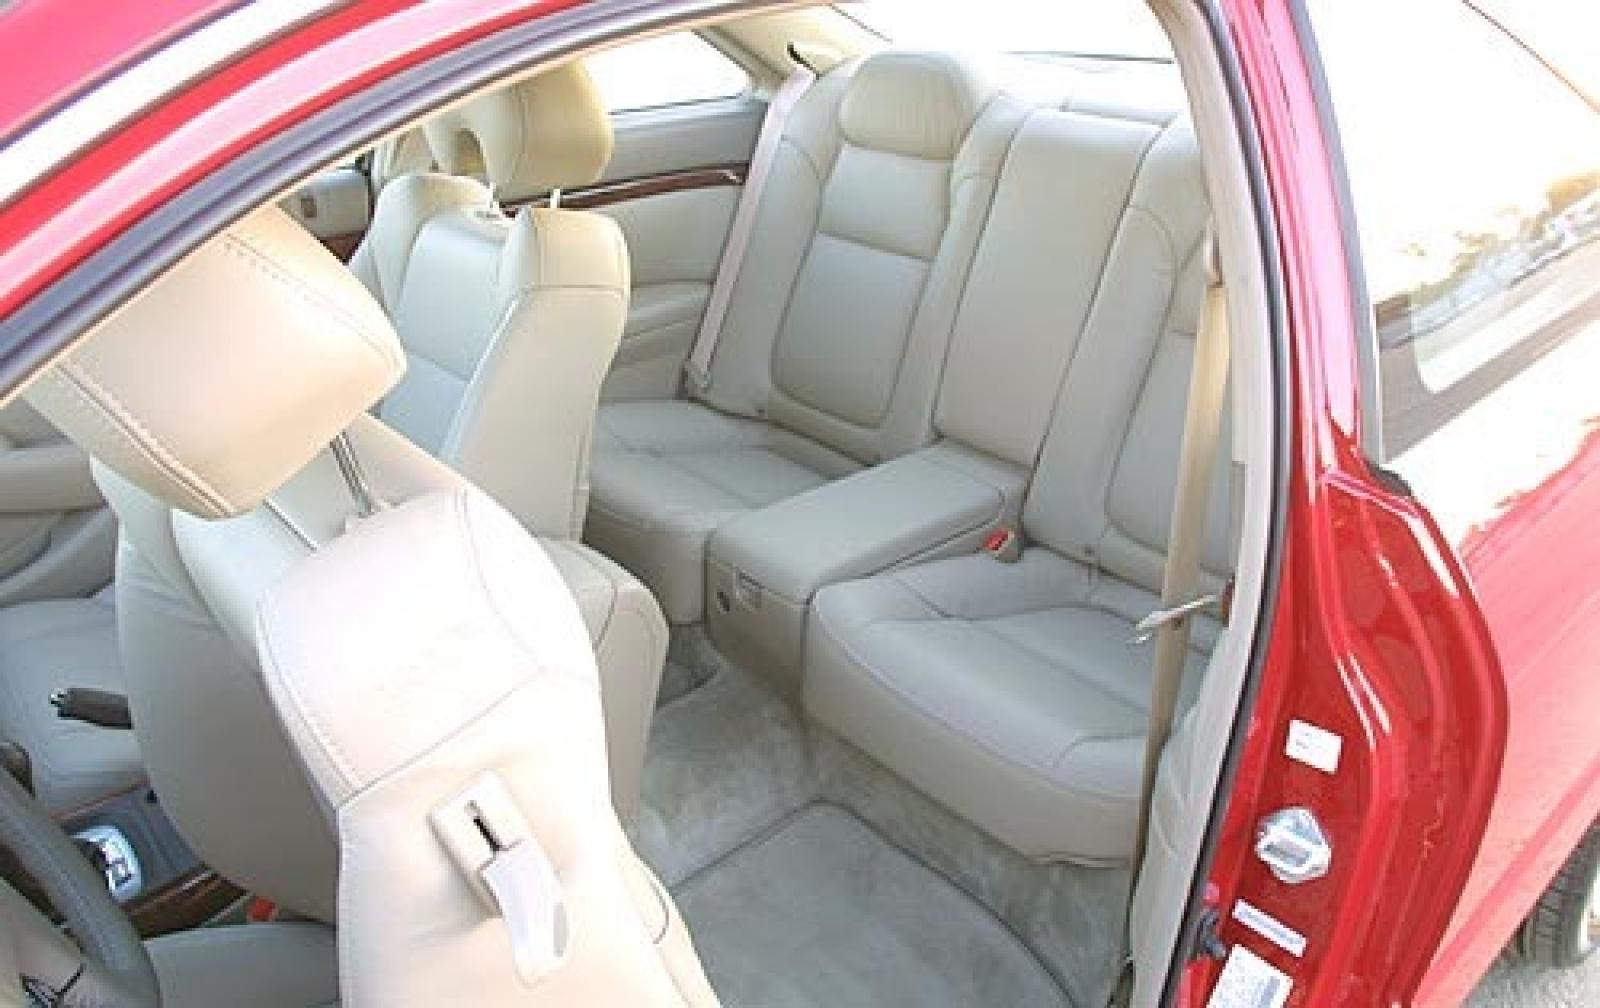 800 1024 1280 1600 origin 2003 Acura CL ...